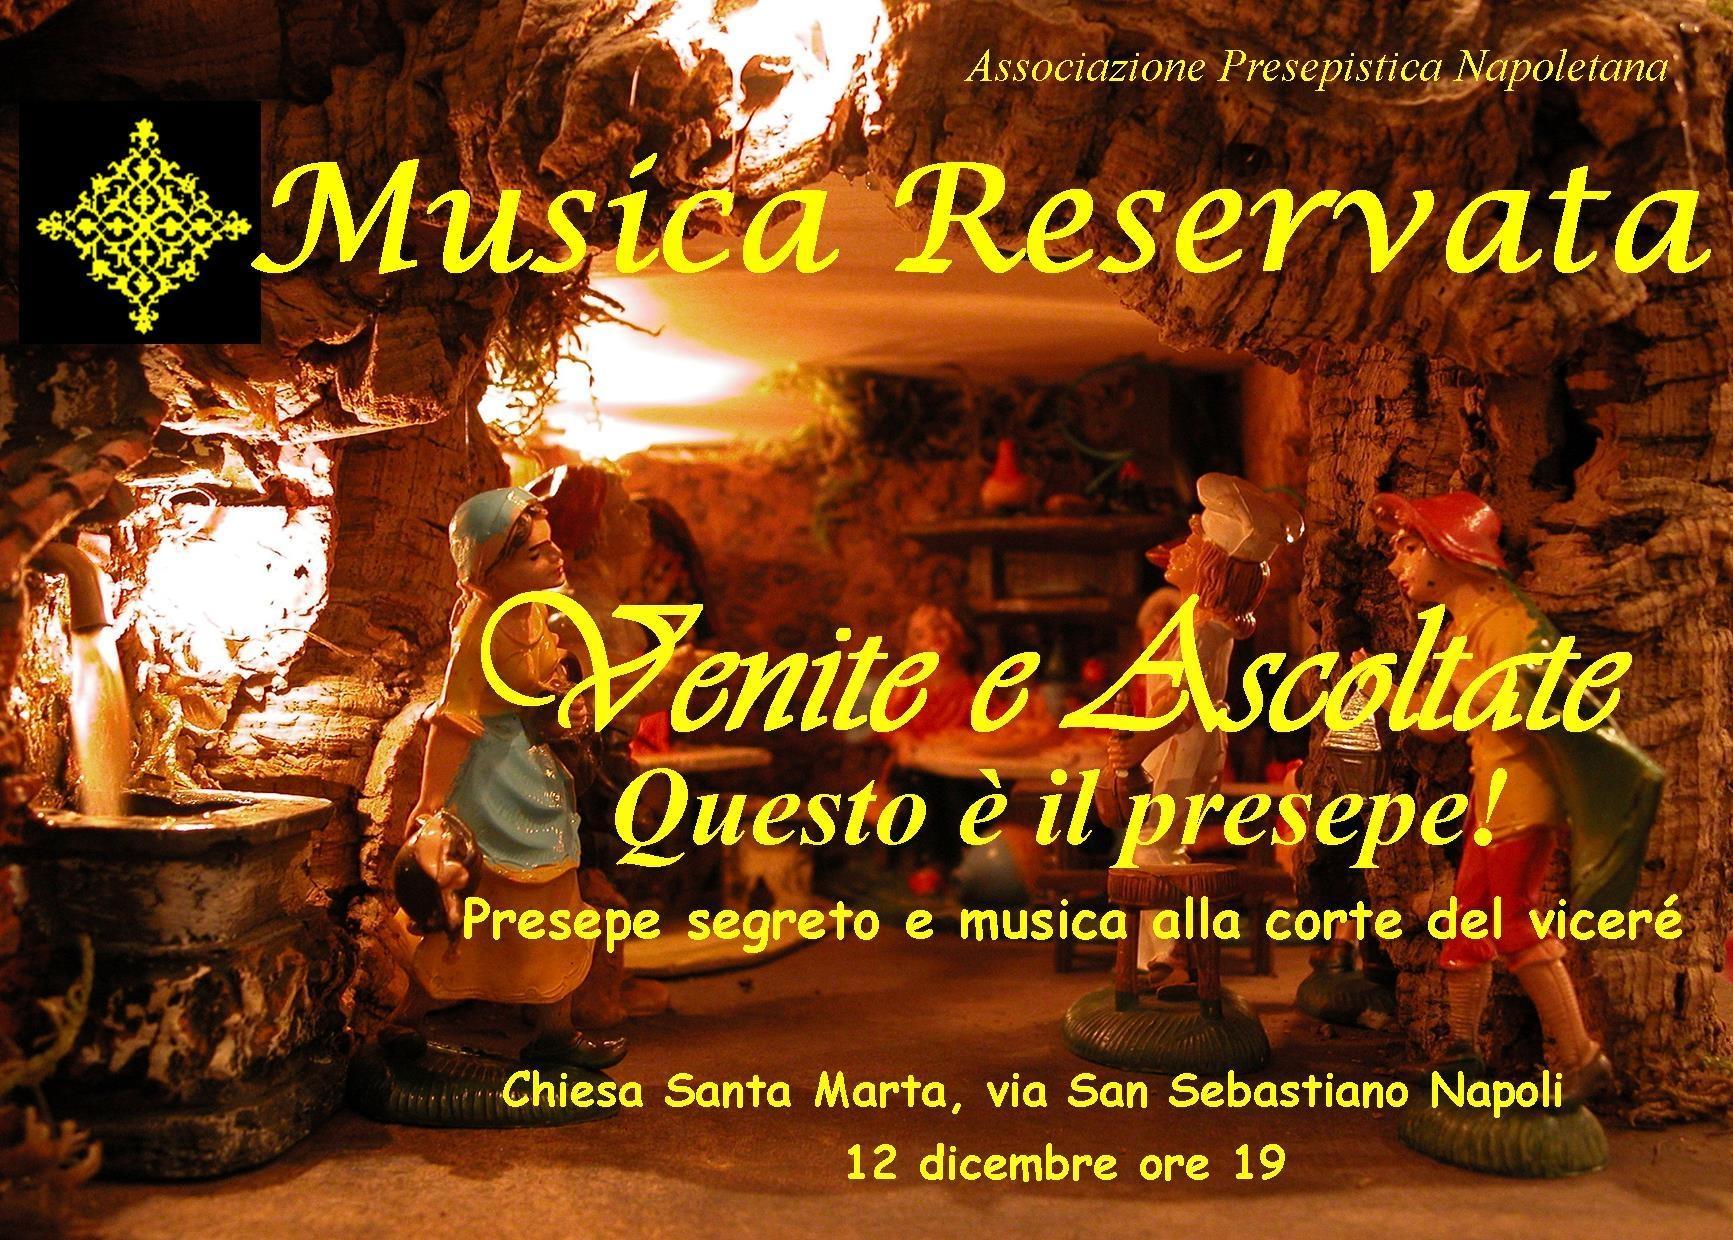 Musica Reservata